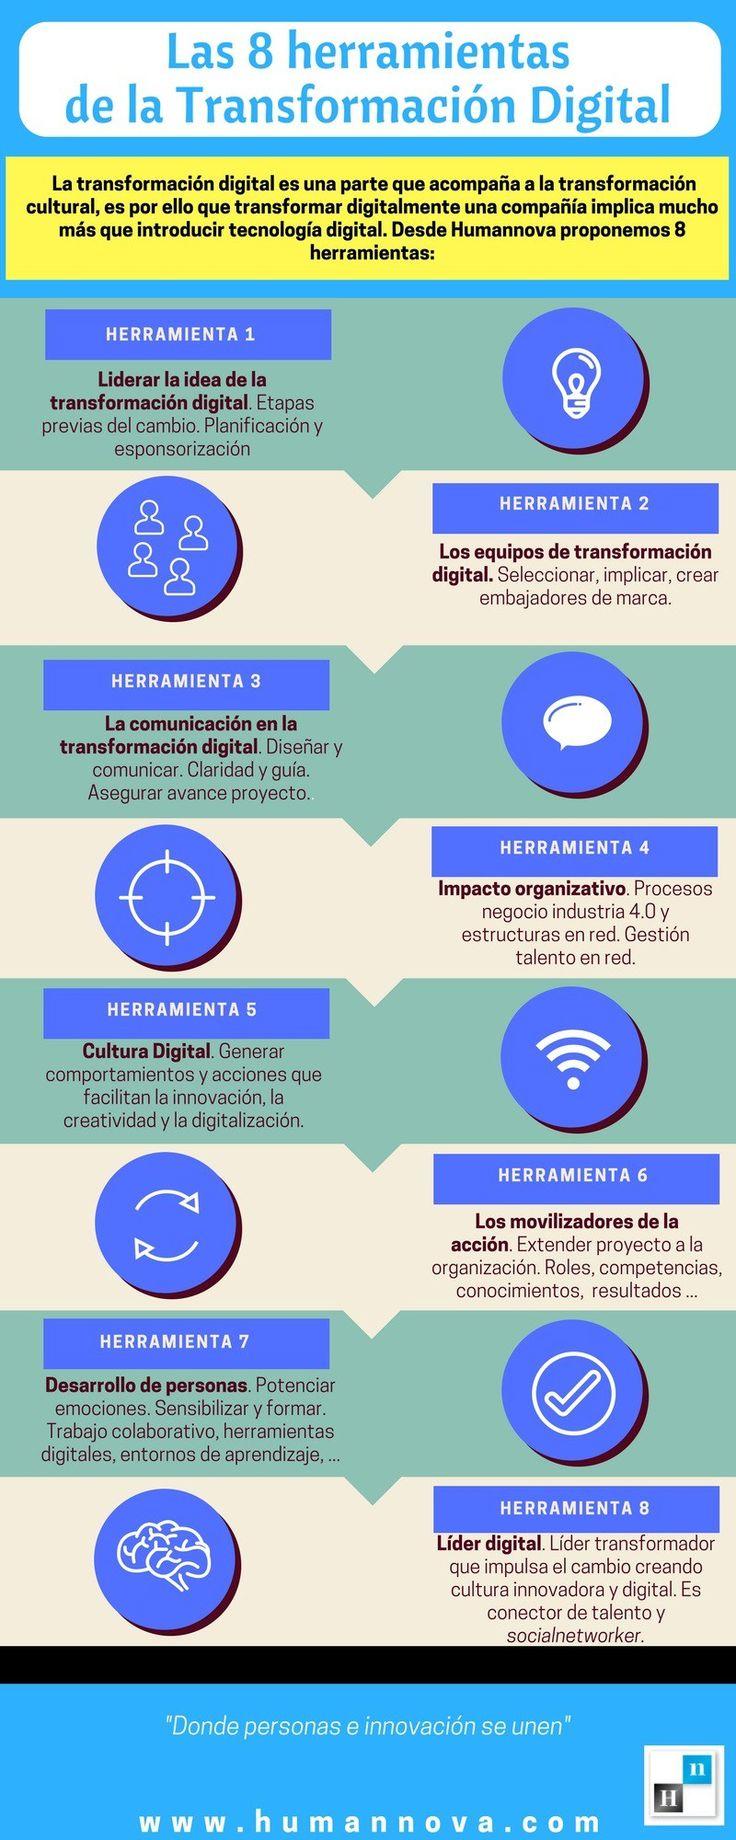 Prácticos consejos para la transformación Digital en las empresas: 8 poderosas herramientas.